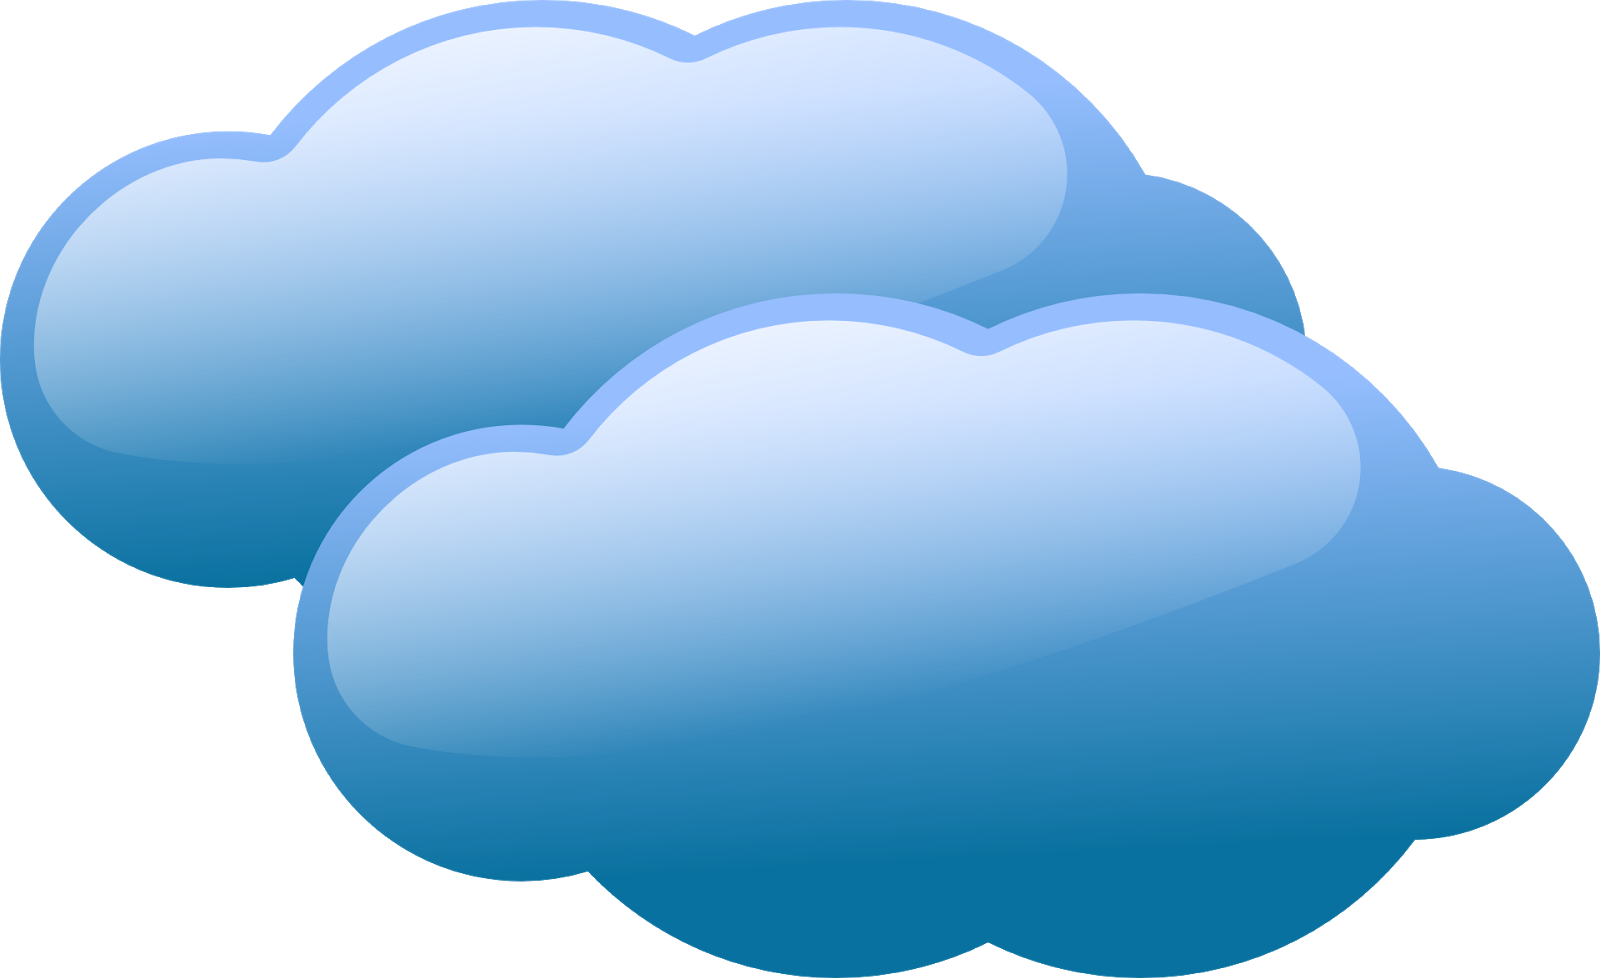 Днем рождения, картинки облаков для детей на прозрачном фоне